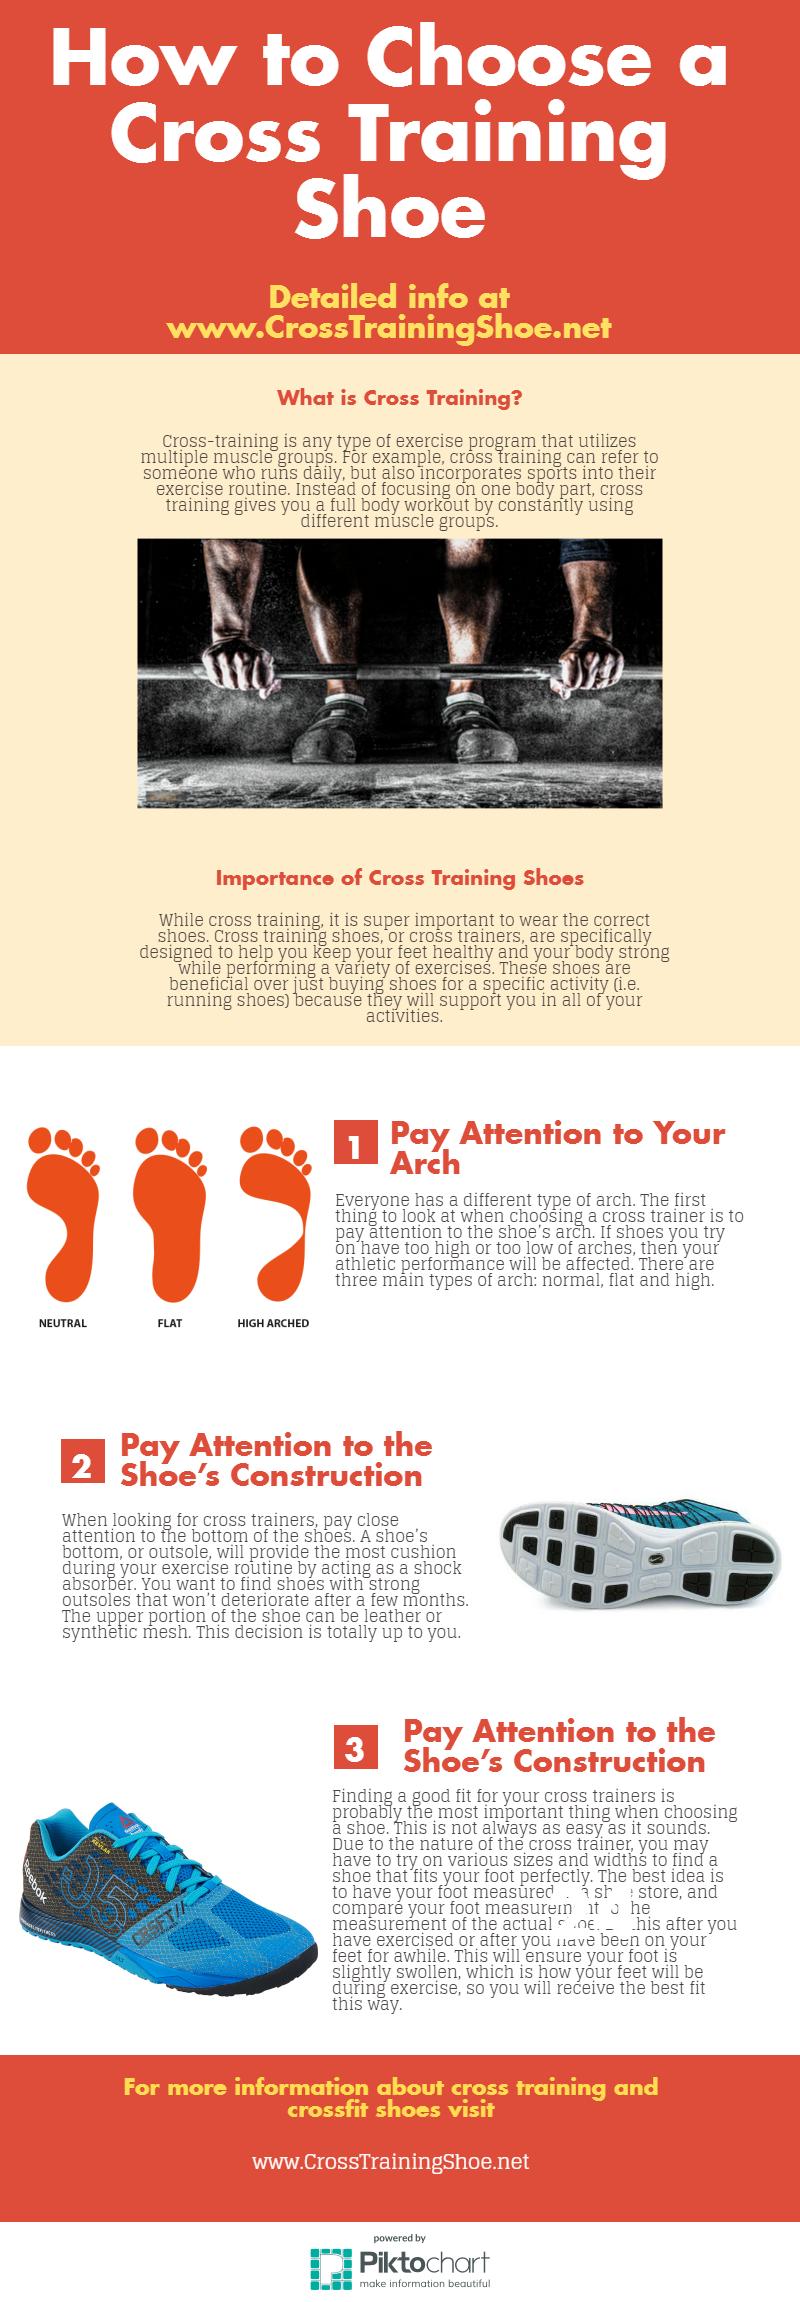 Guía para comprar zapatillas de cross-training infografia